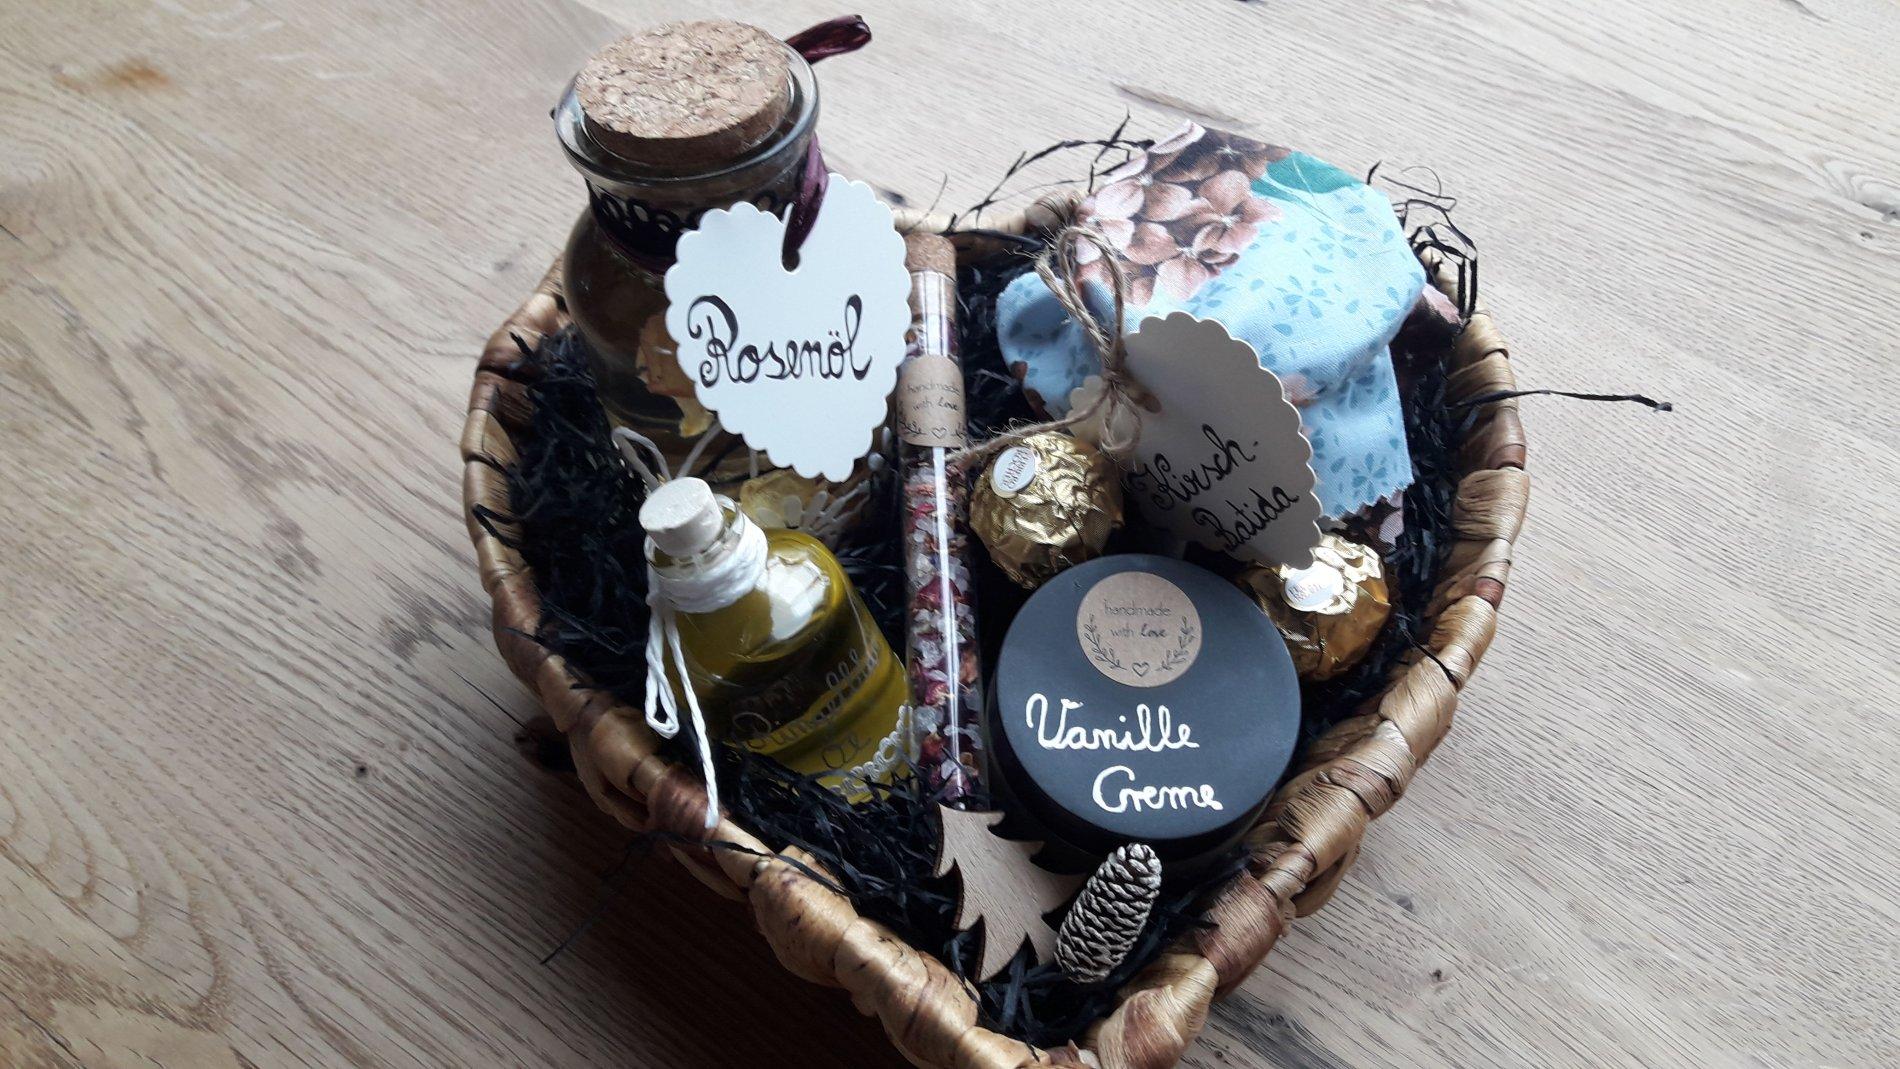 Geschenkkorb mit selbst hergestellten Produkten wie Vanille Creme oder Rosenöl